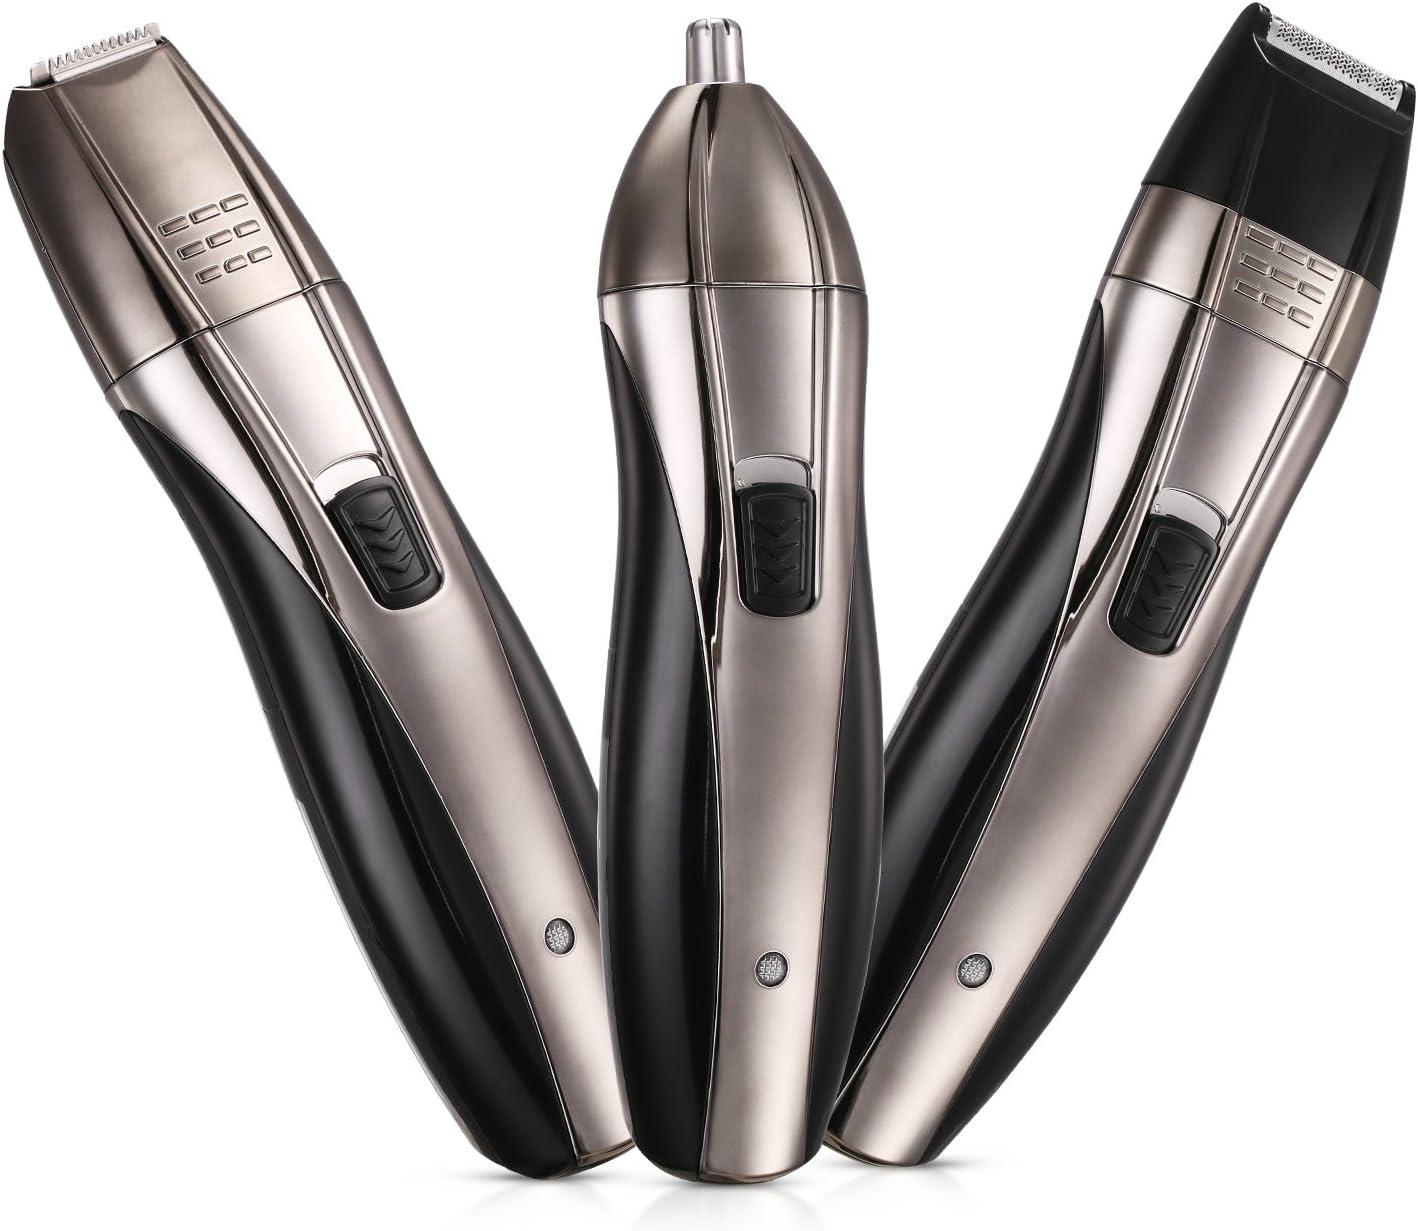 Recortador de Nariz 3 en 1 Afeitadora Eléctrica Hombre Afeitadora ...